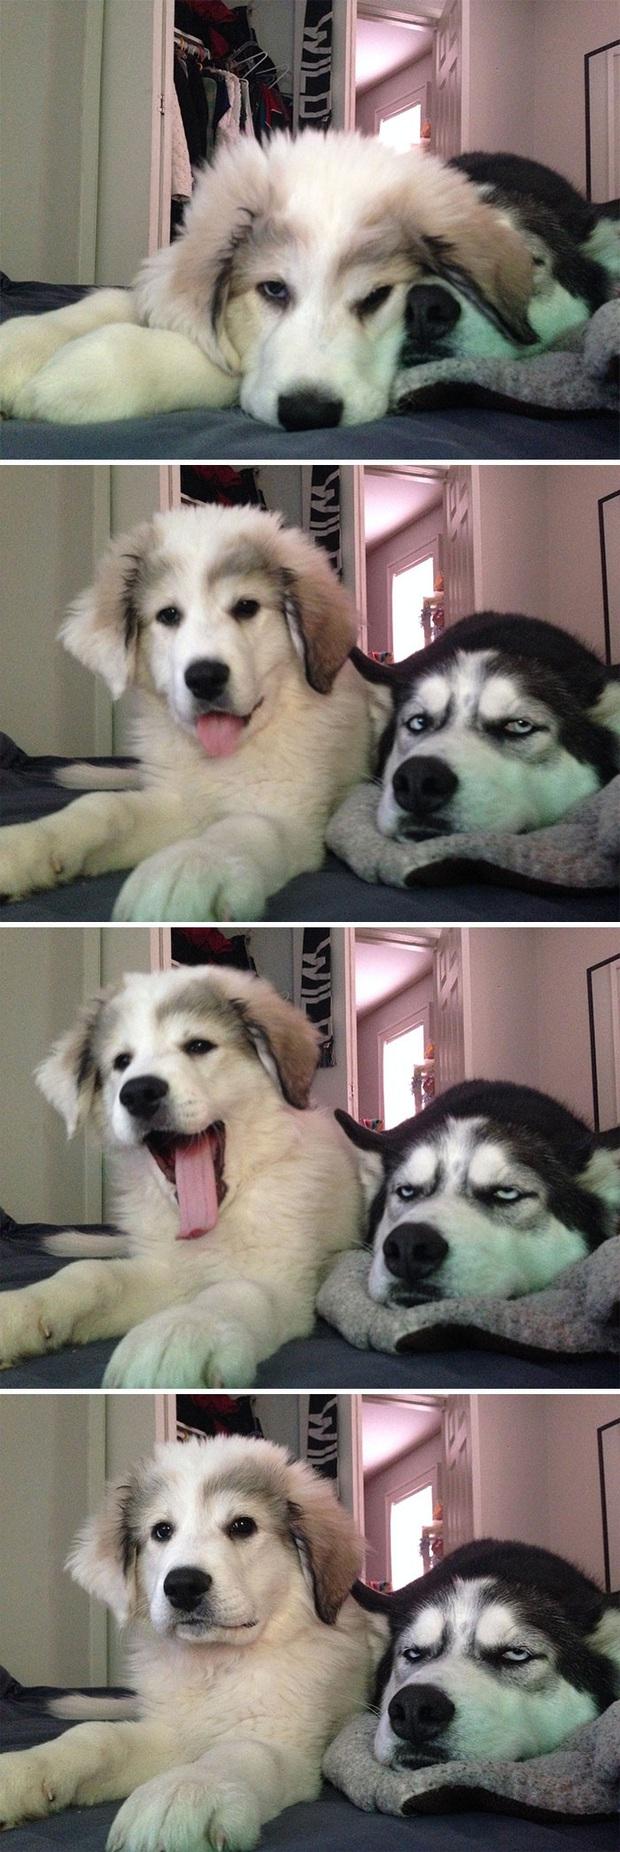 17 khoảnh khắc cho thấy Husky là giống chó ngáo ngơ, lười biếng và không dũng cảm như quảng cáo - Ảnh 7.